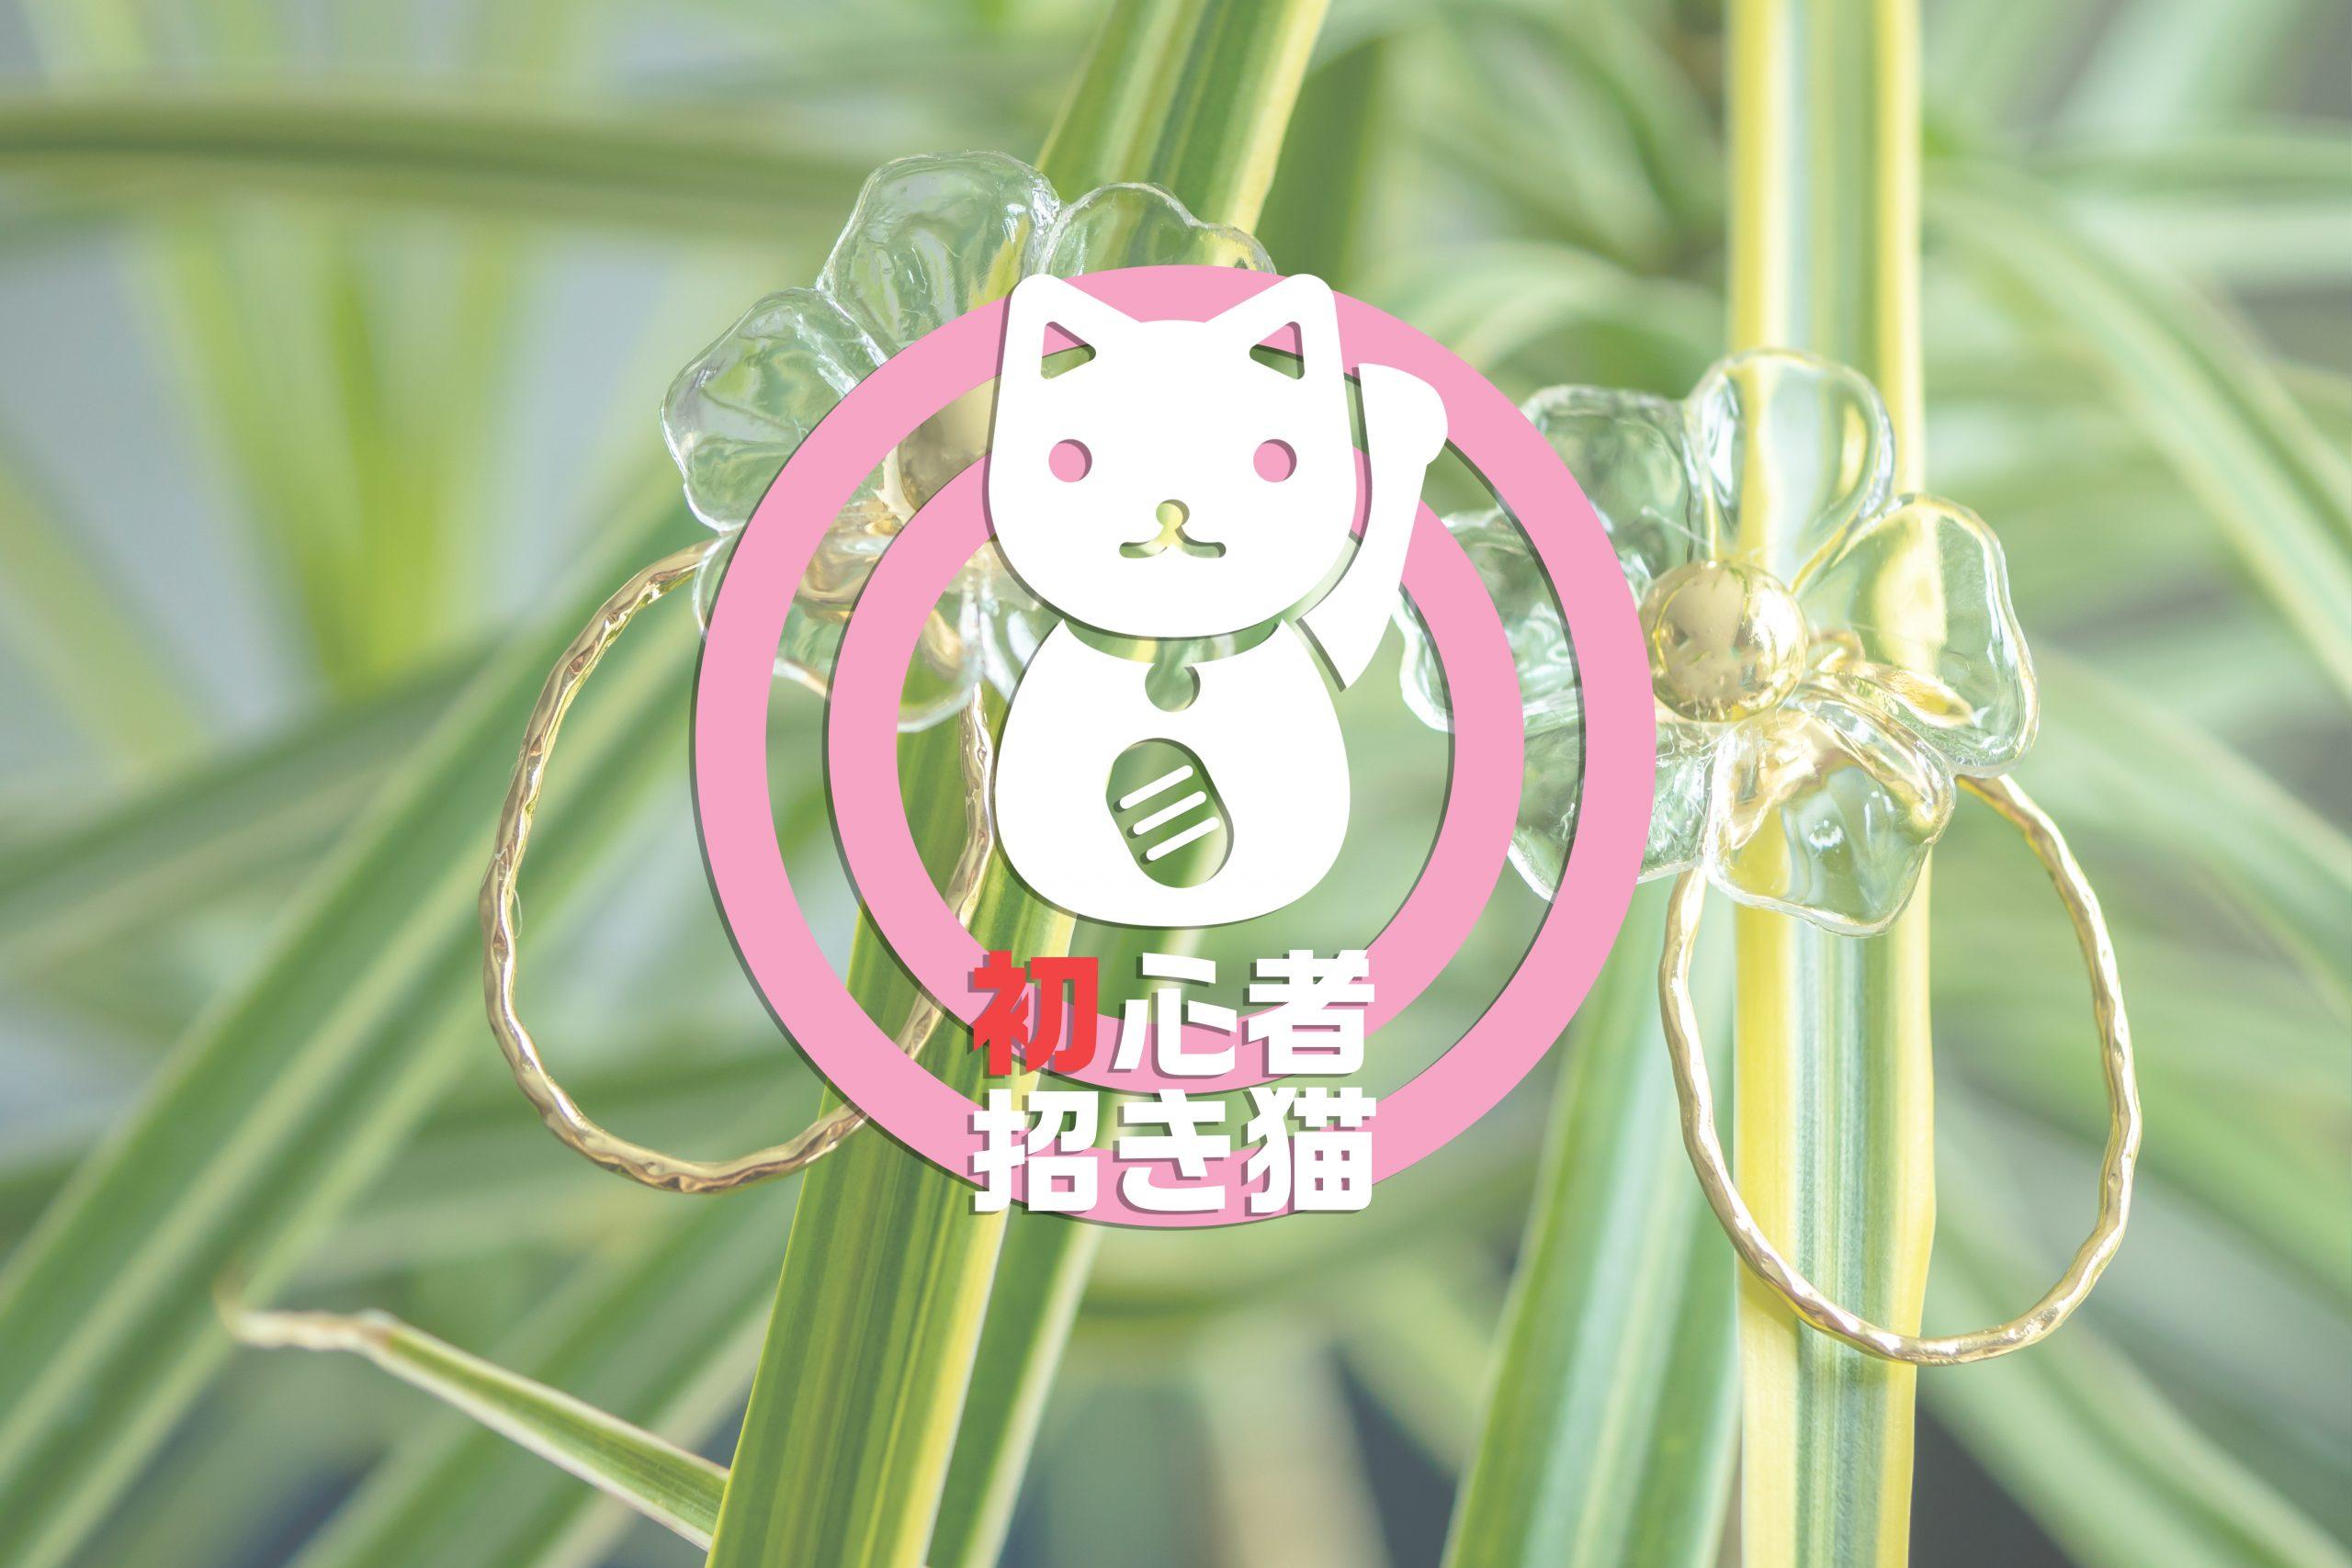 【カメラ初心者 招き猫#4】アクセサリーを綺麗に撮るコツ【Panasonic】